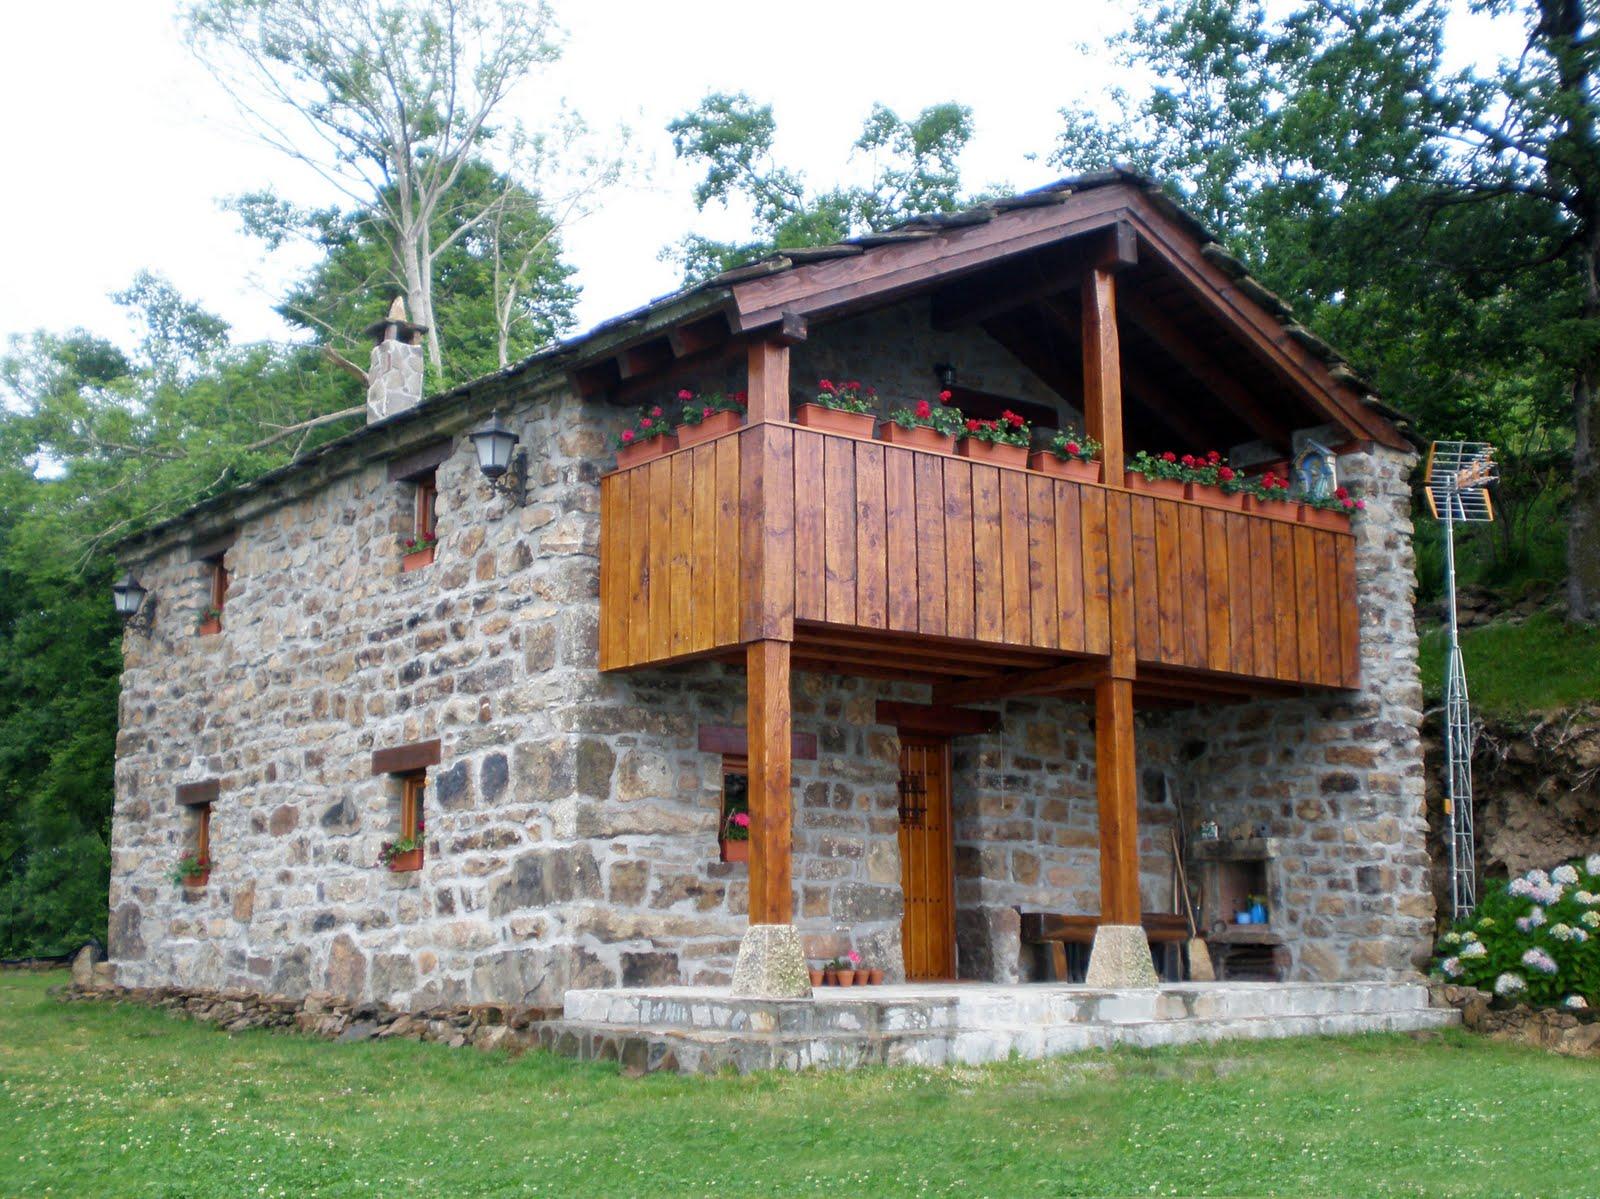 Nuestra casa en la monta a una casa para vivir y so ar for Casa en la montana